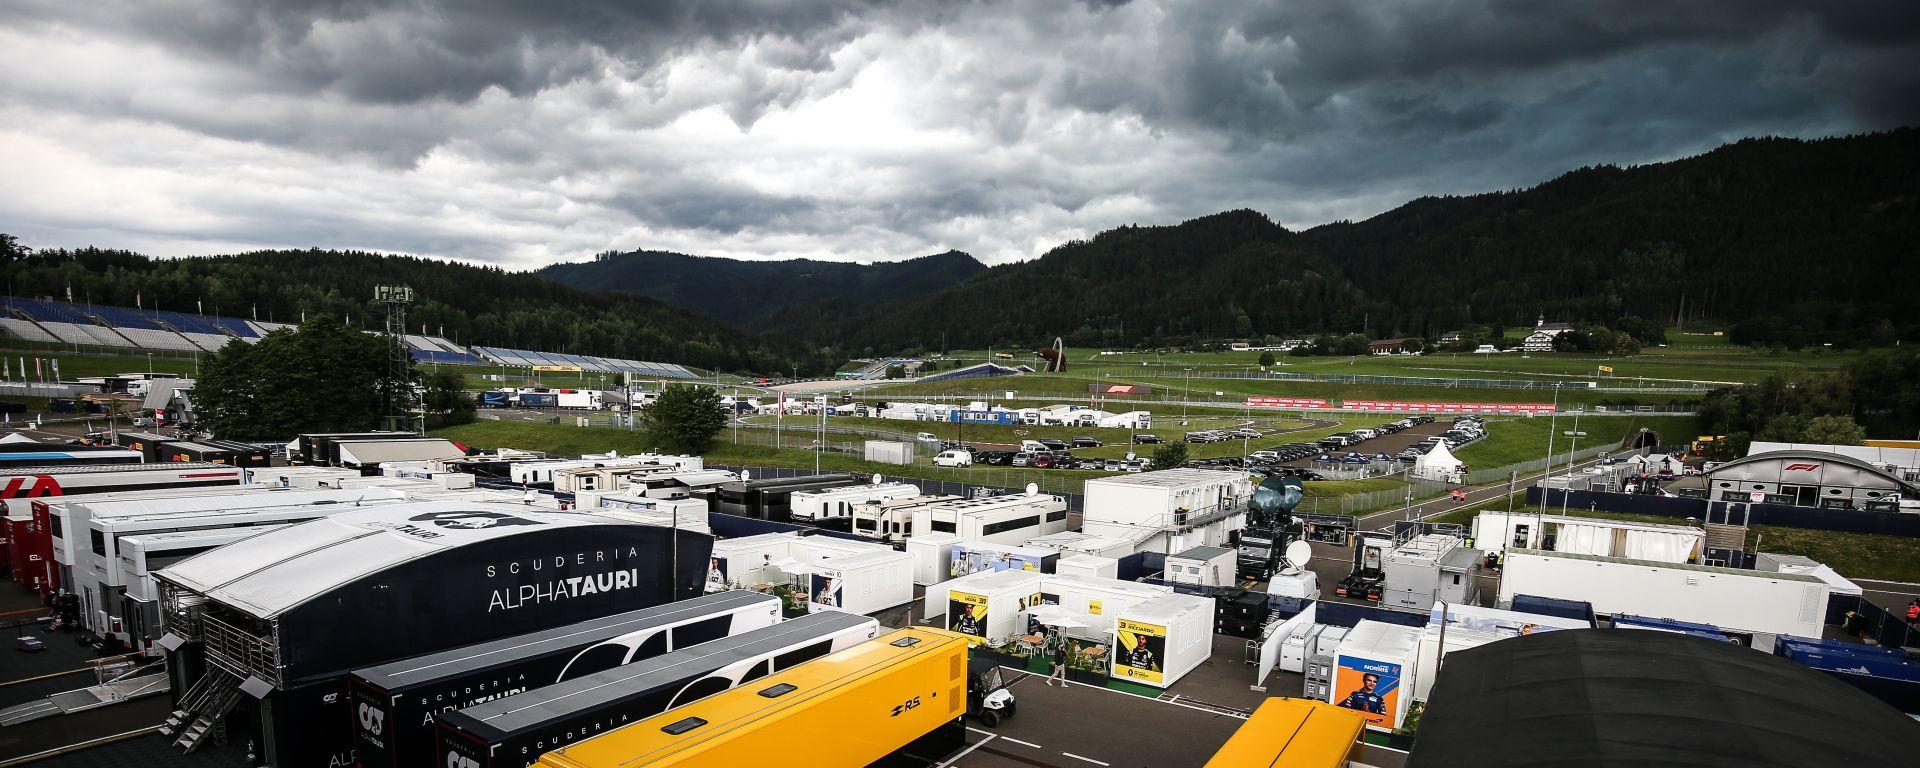 F1 GP Austria 2020, Red Bull Ring: nuvole minacciose sopra il paddock